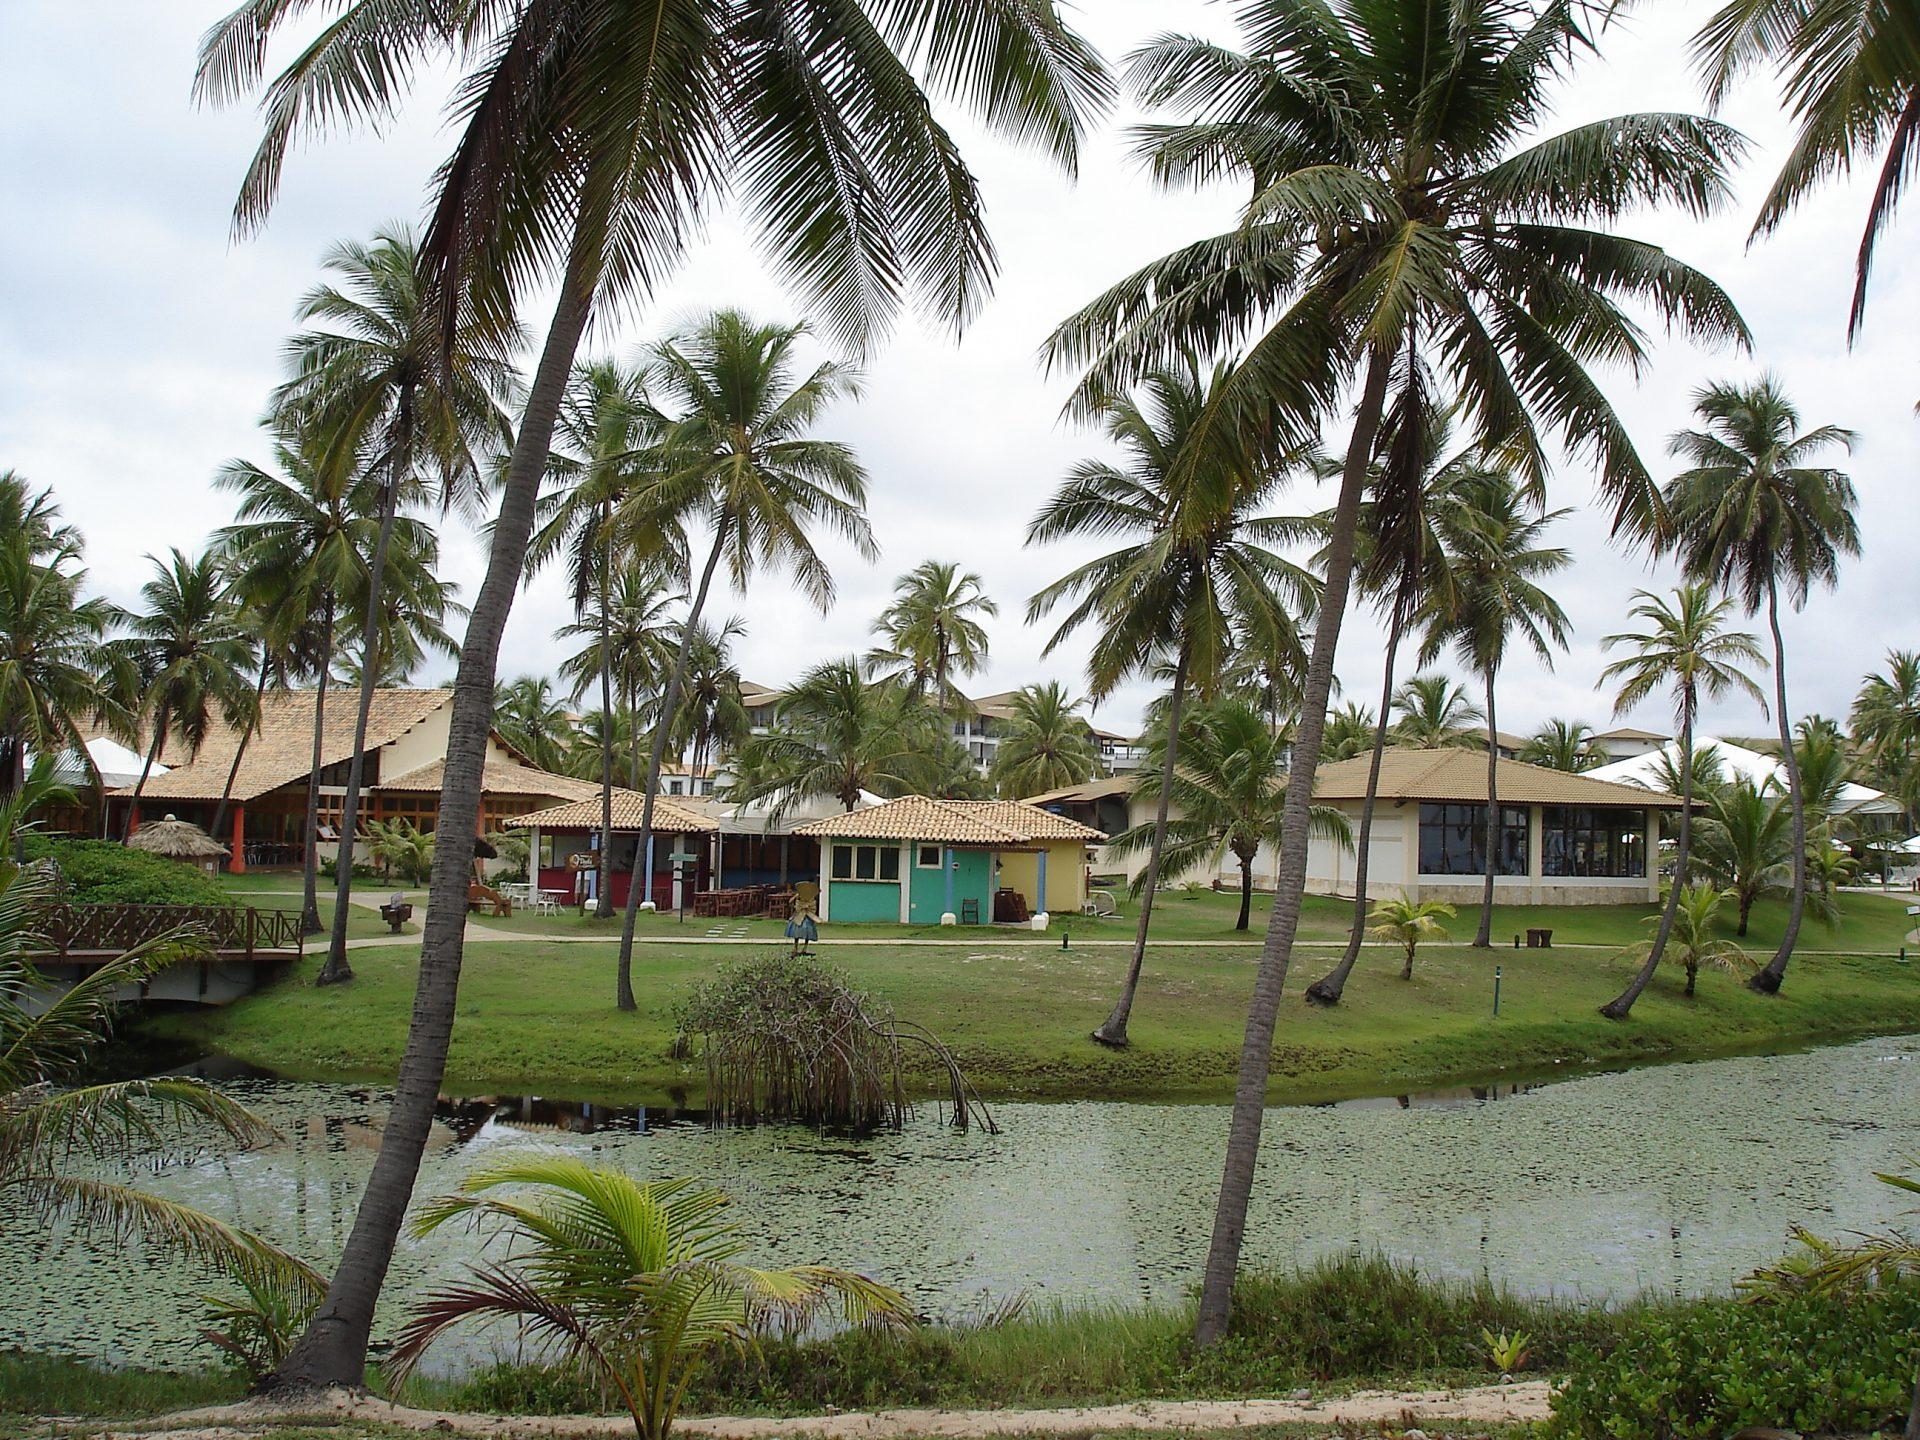 Vista do complexo Costa do Sauípe, na Bahia (Foto: Claudia Tonaco)